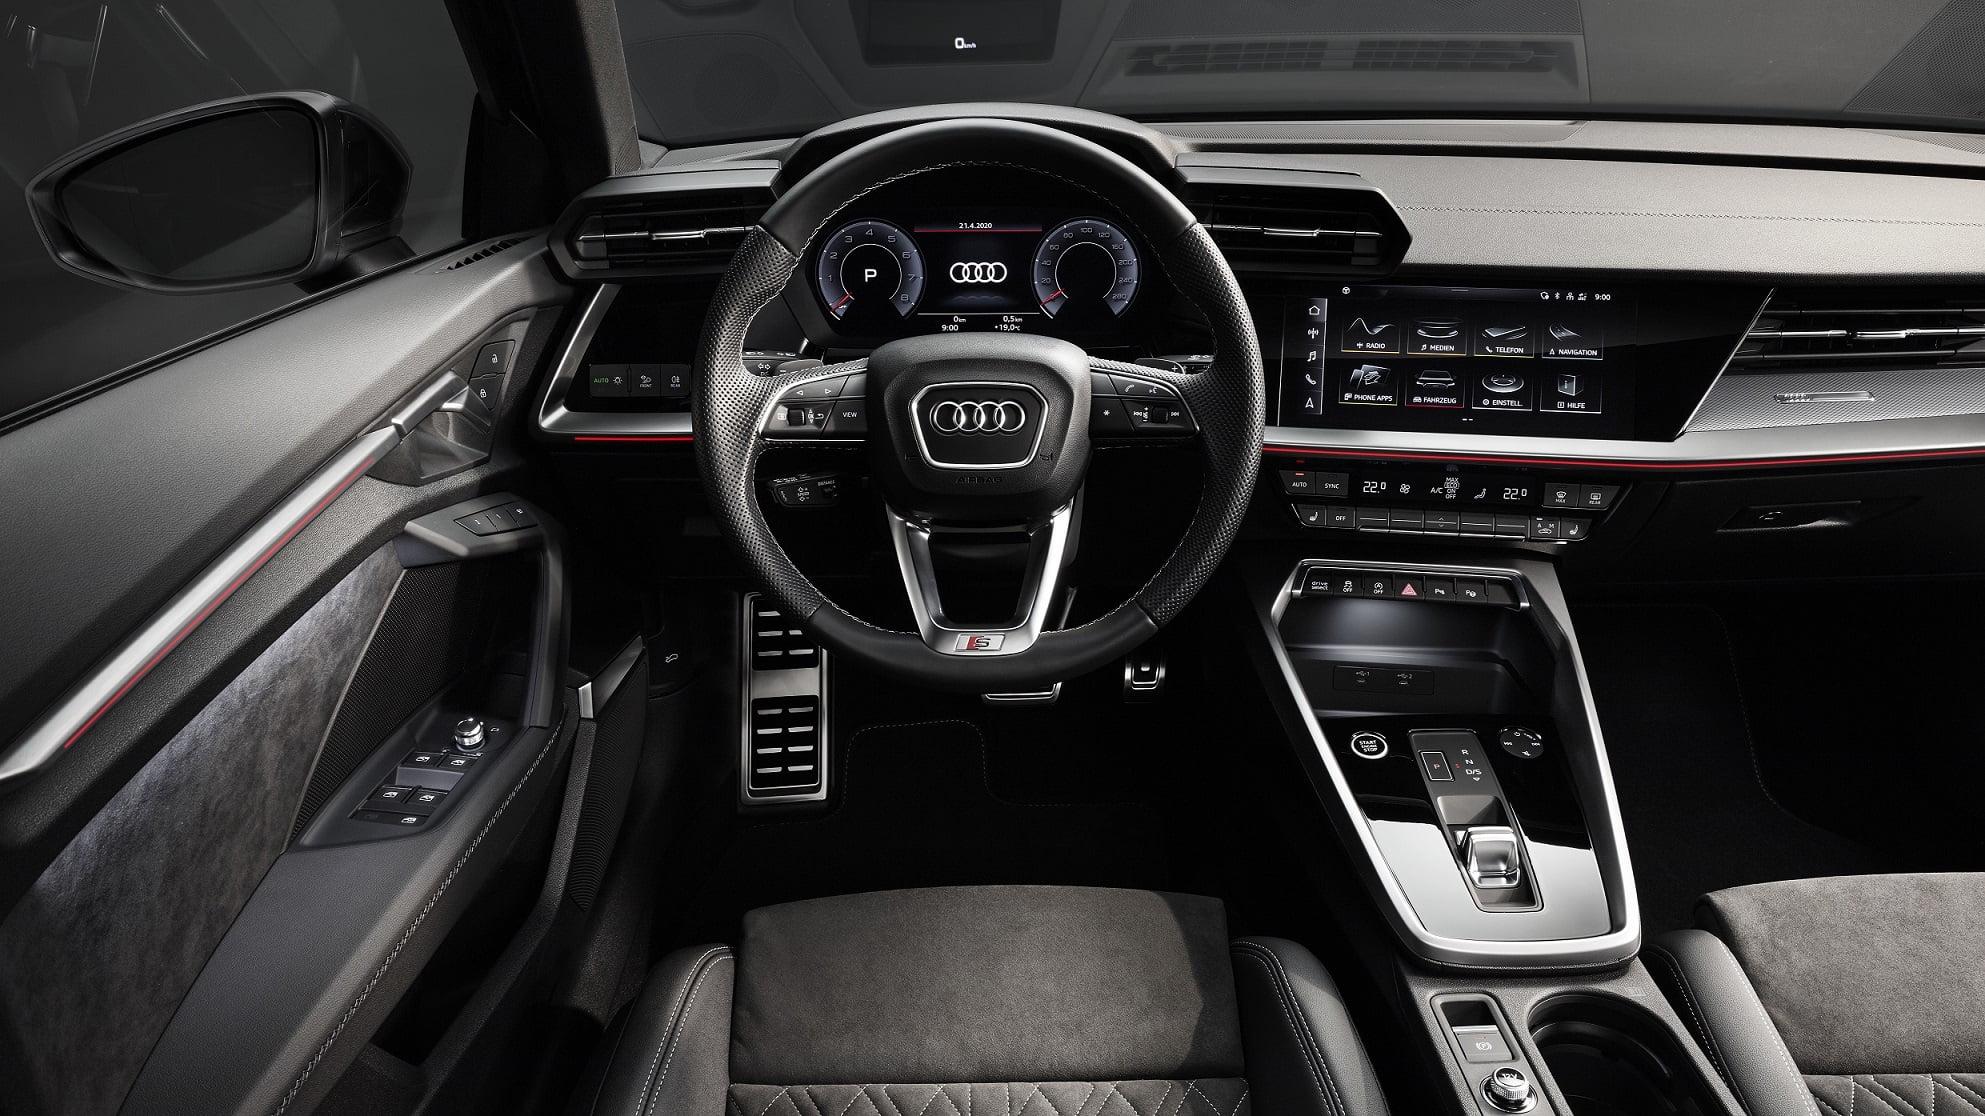 Νέο Audi A3 Sedan - Εσωτερικό